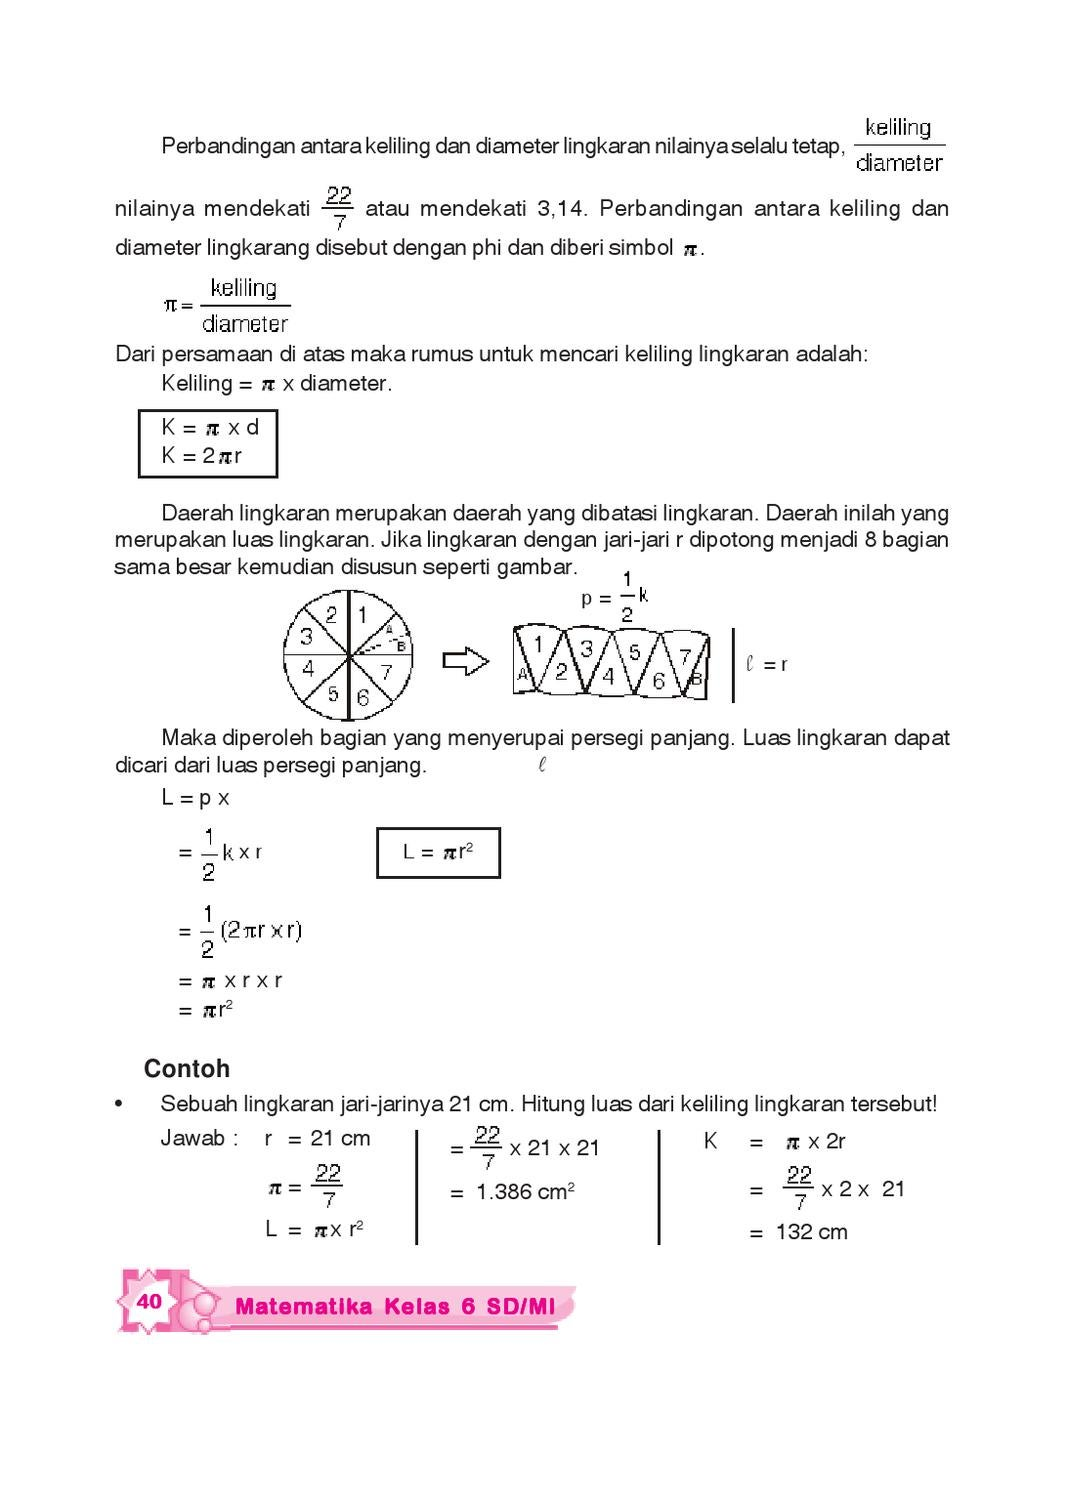 Rumus Mencari Diameter Lingkaran : rumus, mencari, diameter, lingkaran, Kelas, Matematika, Sukirno, Herawati, Issuu